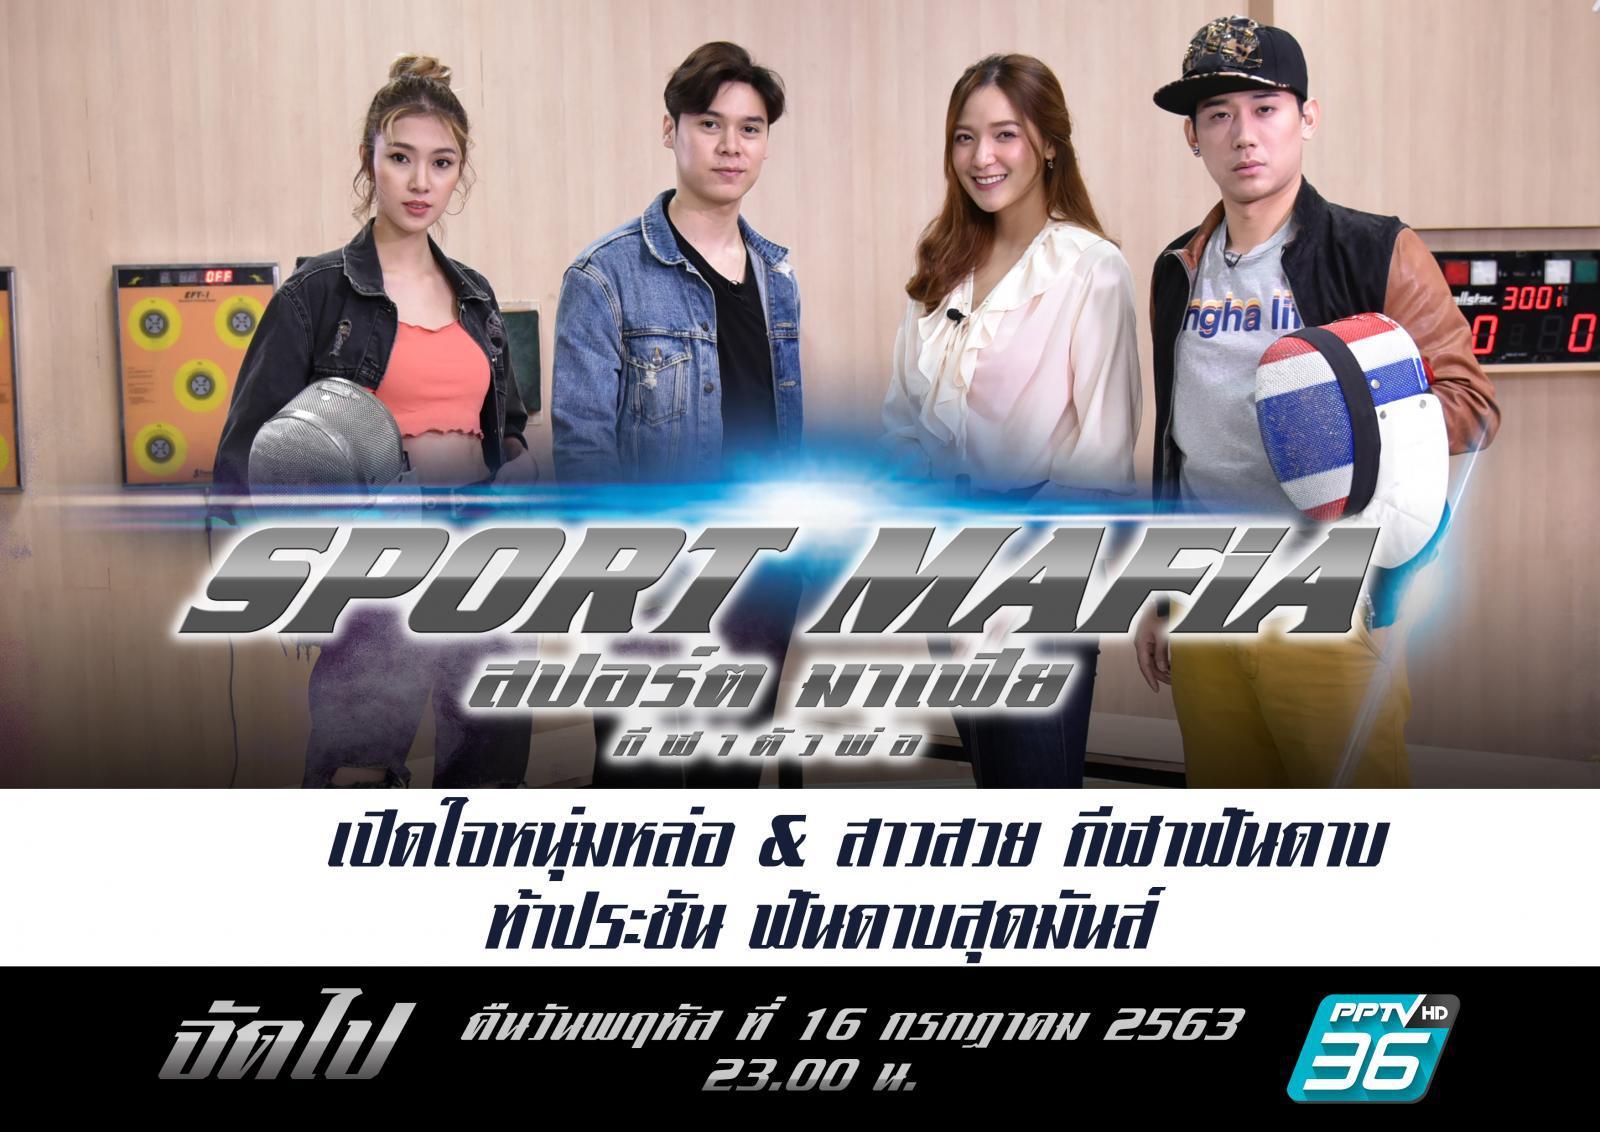 2 นักกีฬาฟันดาบ ทีมชาติไทย